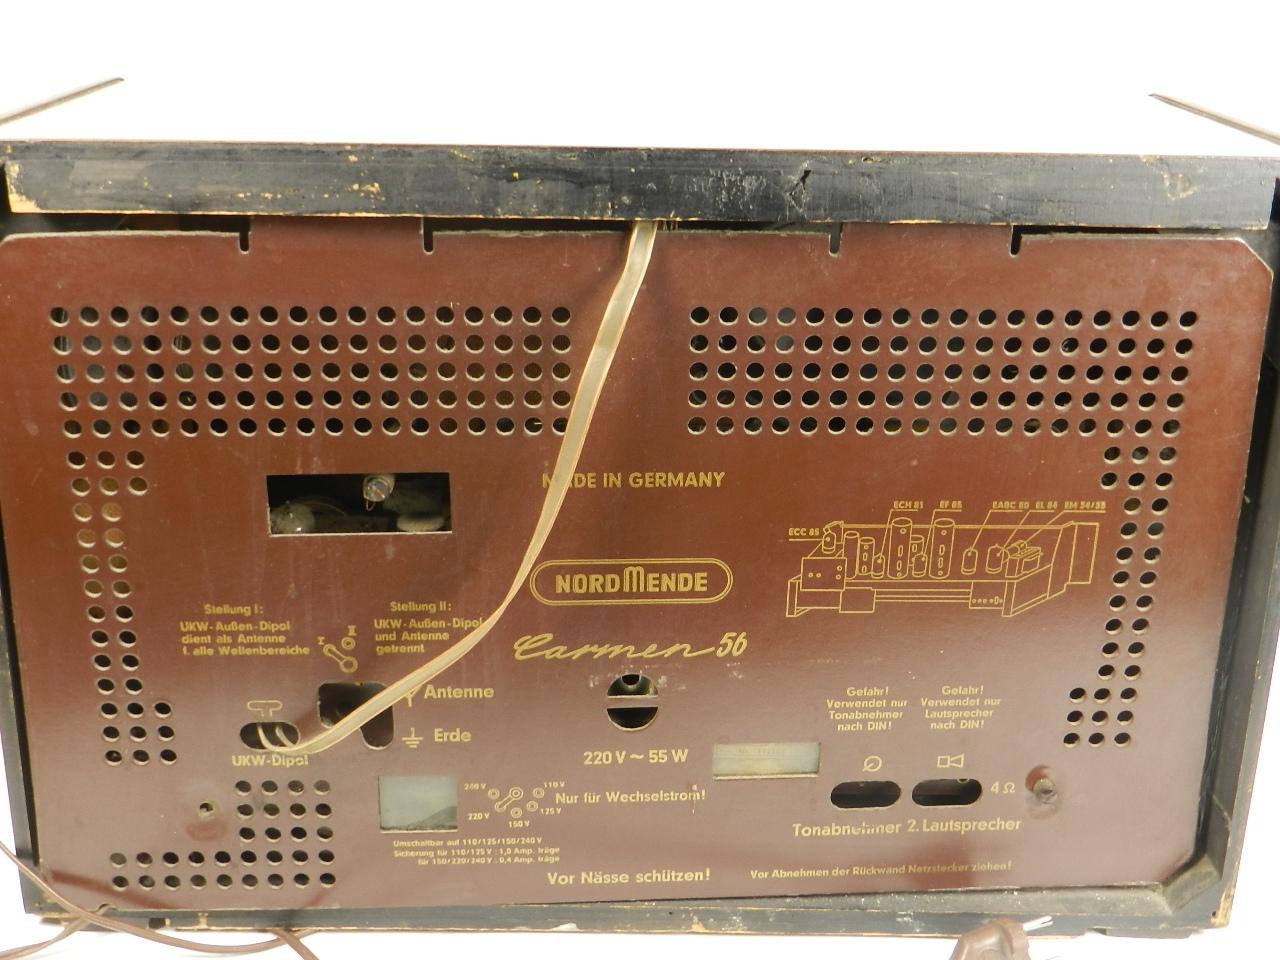 Imagen RADIO NORDMENDE Mod. CARMEN 56  AÑO 1956 27917